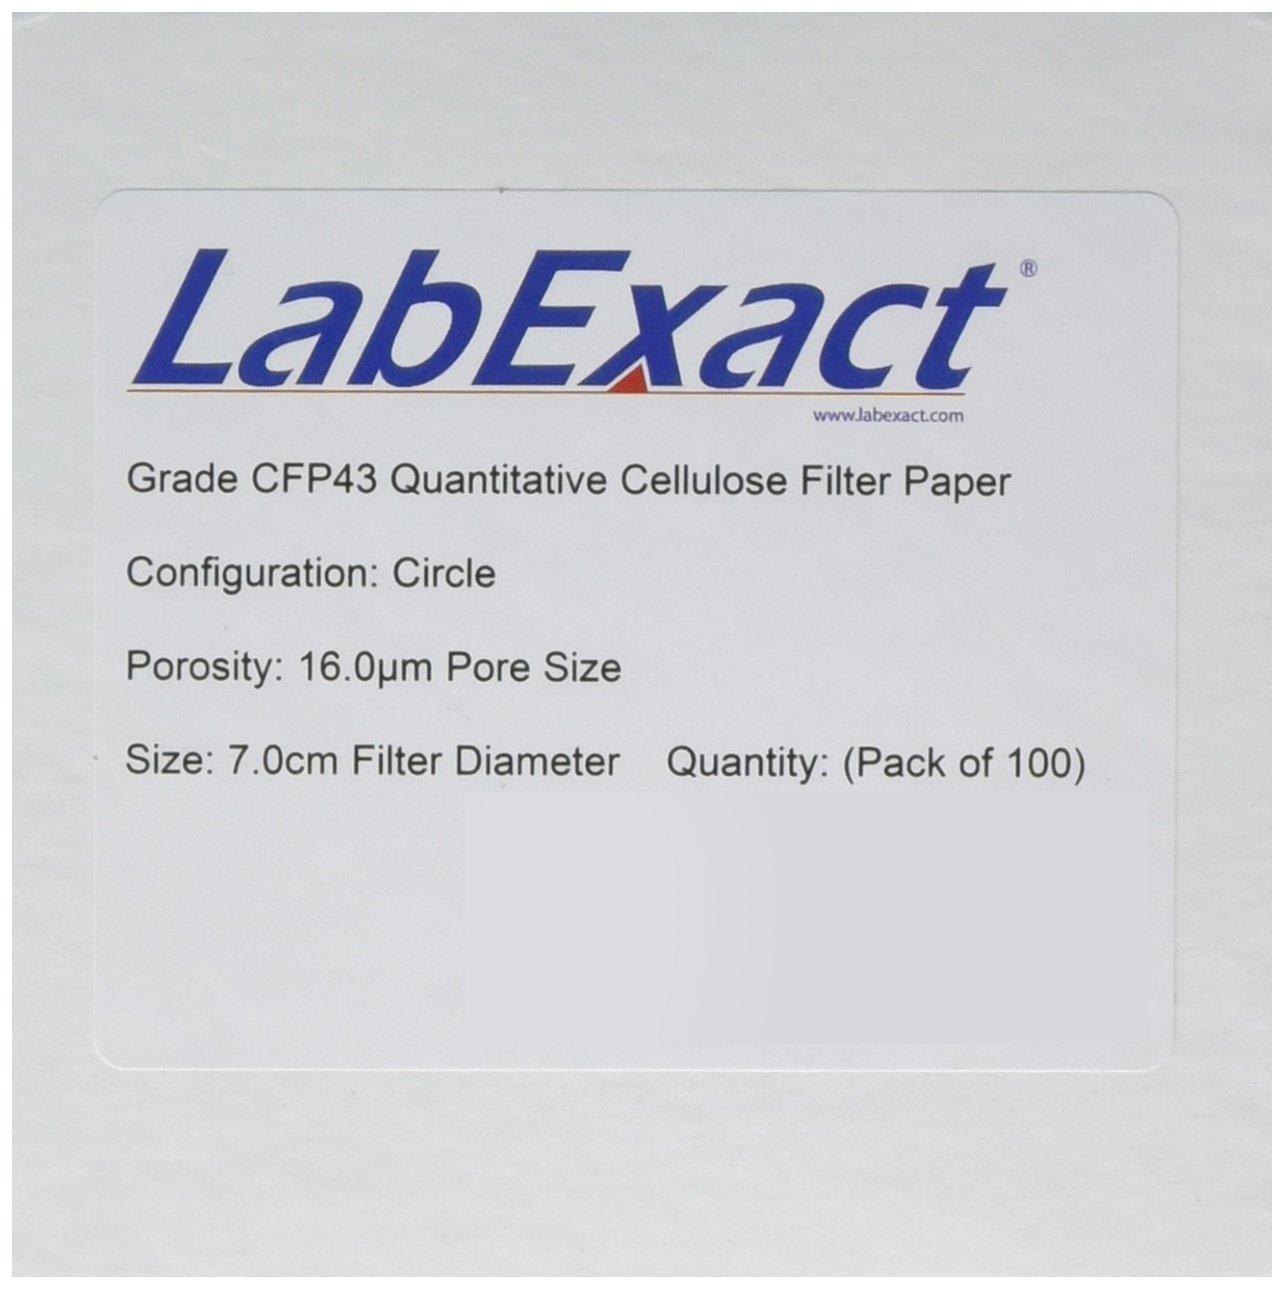 LabExact SALENEW very popular! 1200265 Oakland Mall Grade CFP43 Paper Quantitative Cellulose Filter